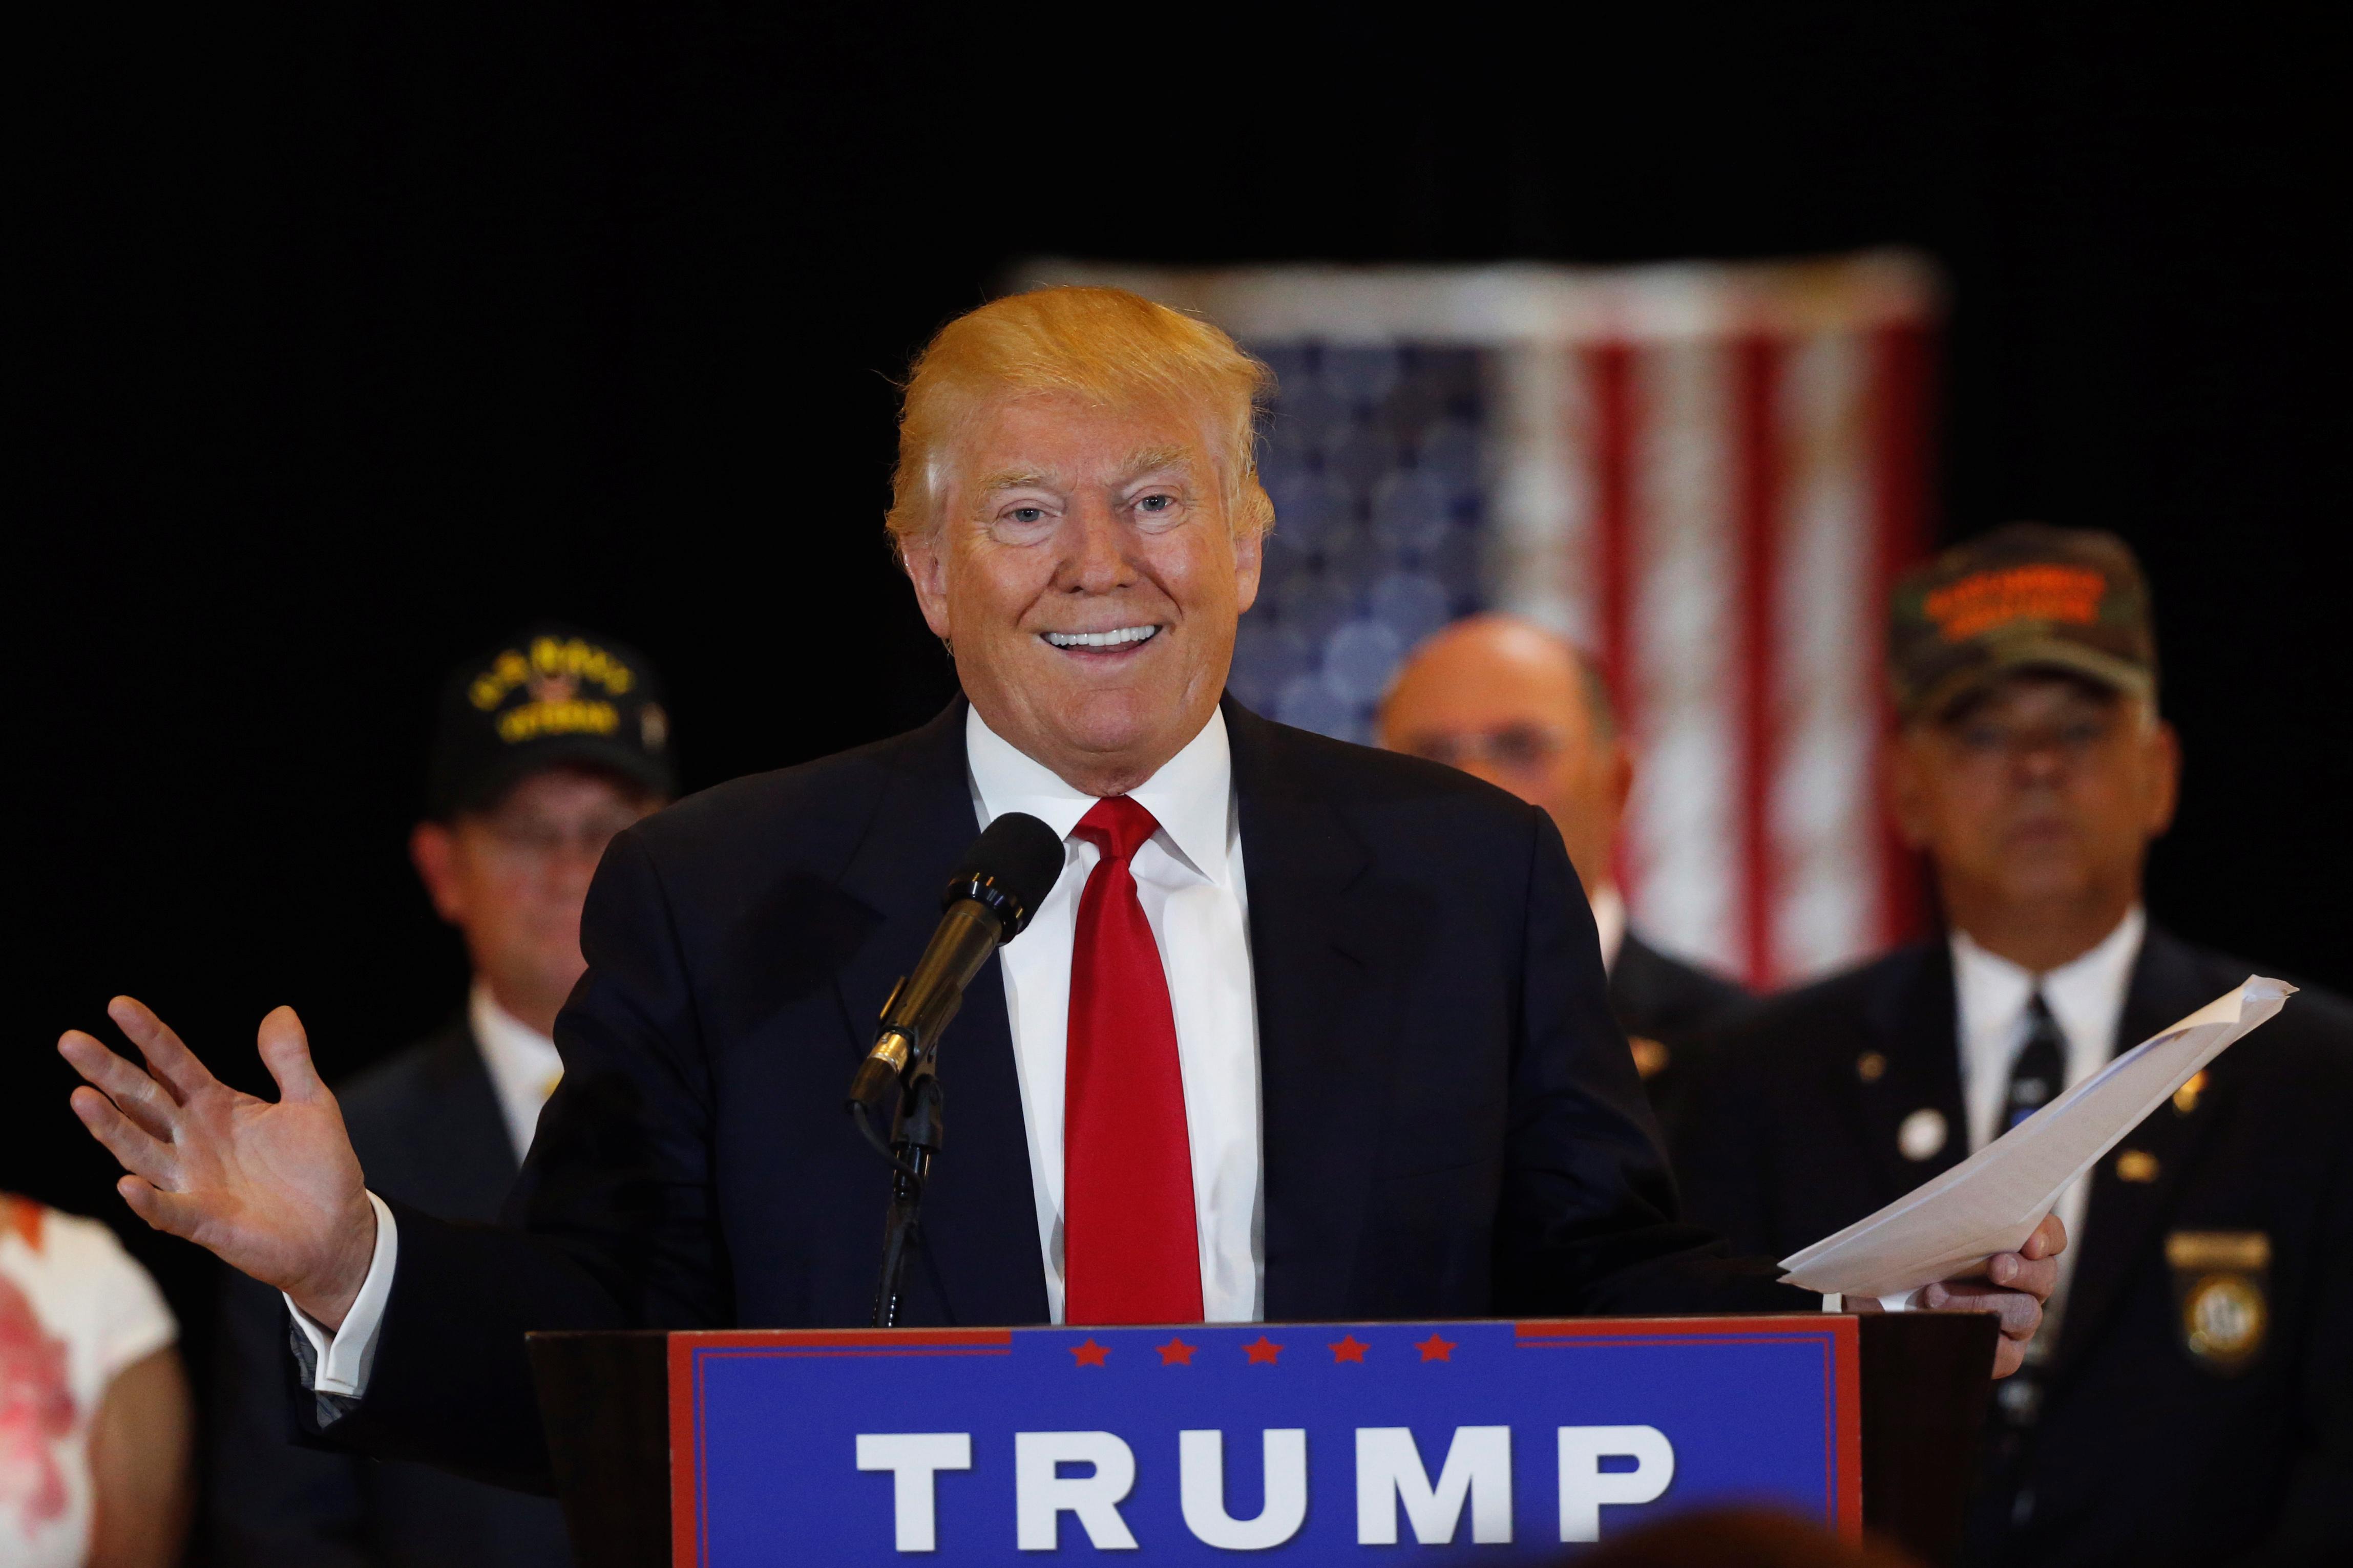 NEW YORK: Presidentkandidat Donald Trump viste tenner på en pressekonferanse i Trump Tower på Manhattan tirsdag, da han ble presset på påstander om han ikke hadde gitt krigsveteraner pengestøtte, slik han selv har hevdet tidligere. FOTO: Lucas Jackson ( NTB scanpix